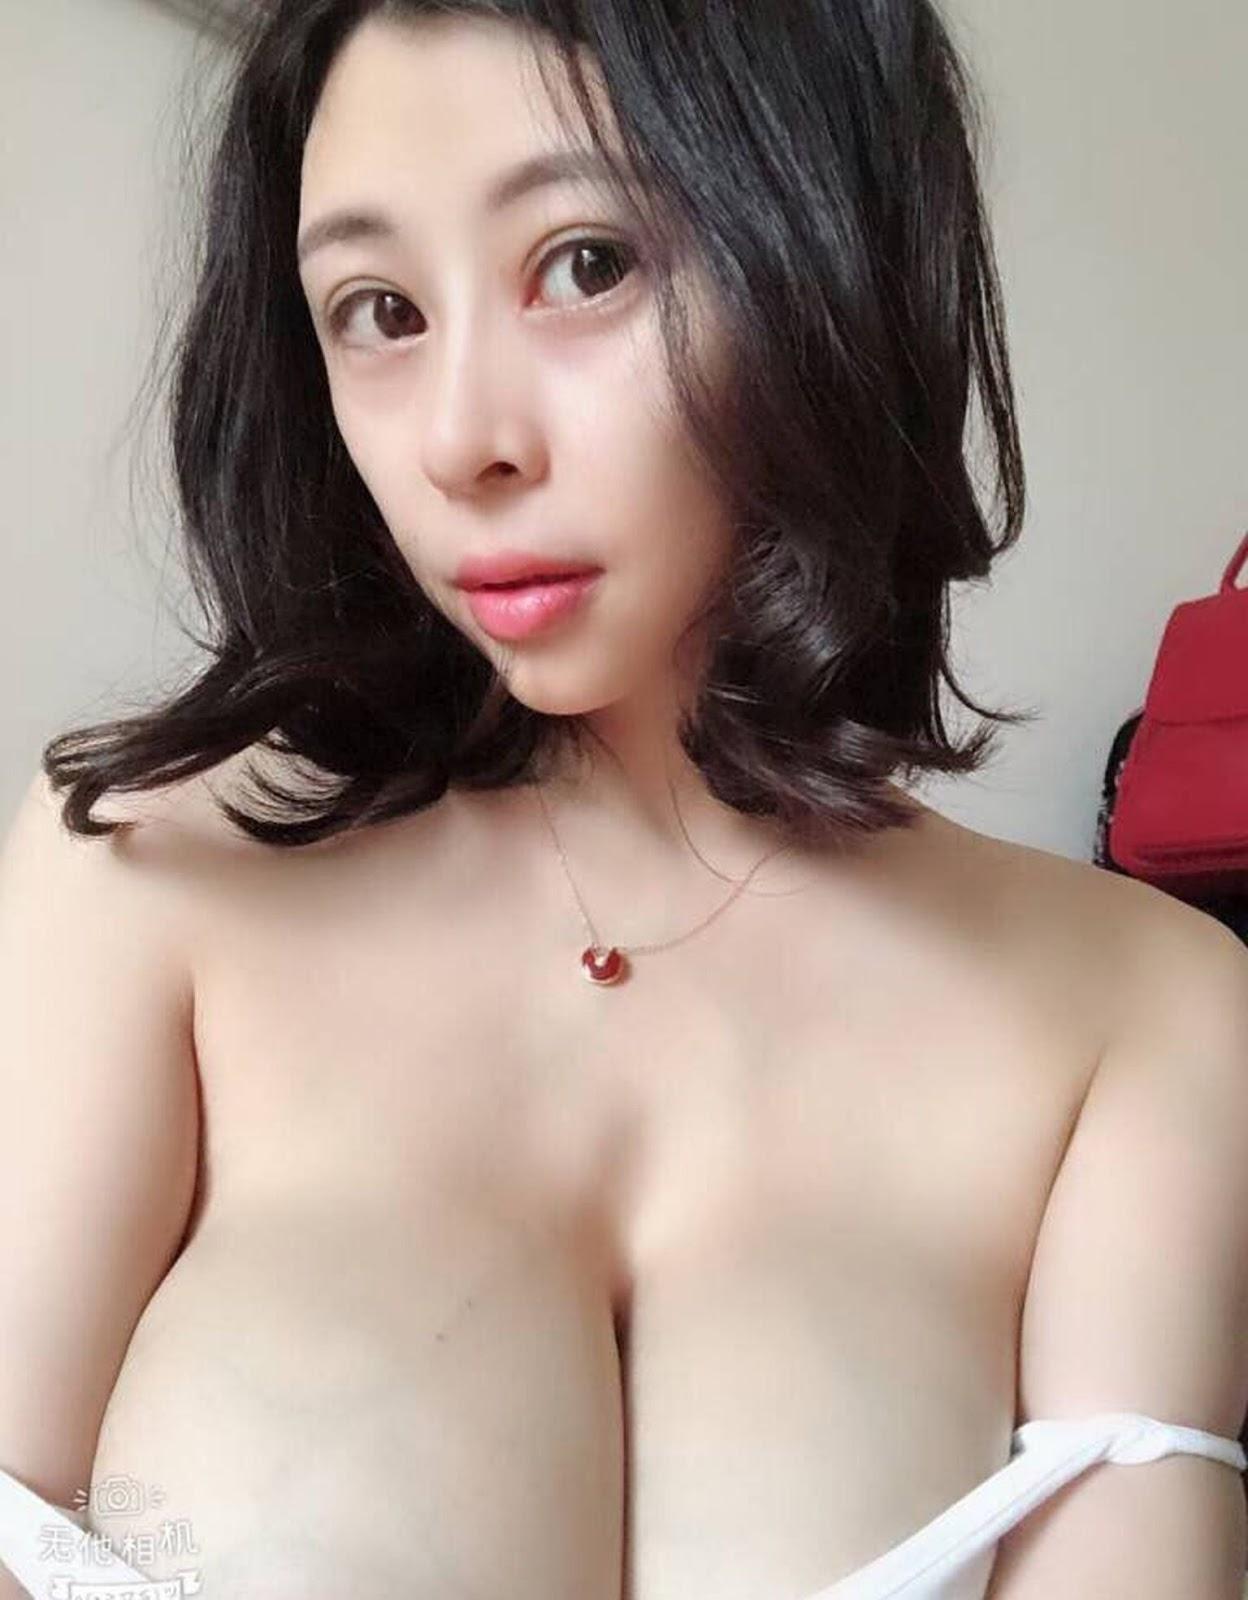 aHR0cHM6Ly93d3cubXlteXBpYy5uZXQvZGF0YS9hdHRhY2htZW50L2ZvcnVtLzIwMTkwOC8yMC8wODM0MjVrcHA3bmc3ampmN2twNnA2LmpwZy50aHVtYi5qcGc%253D - 成都瓶儿 - Chengdu Pinger big tits selfie nude 2020